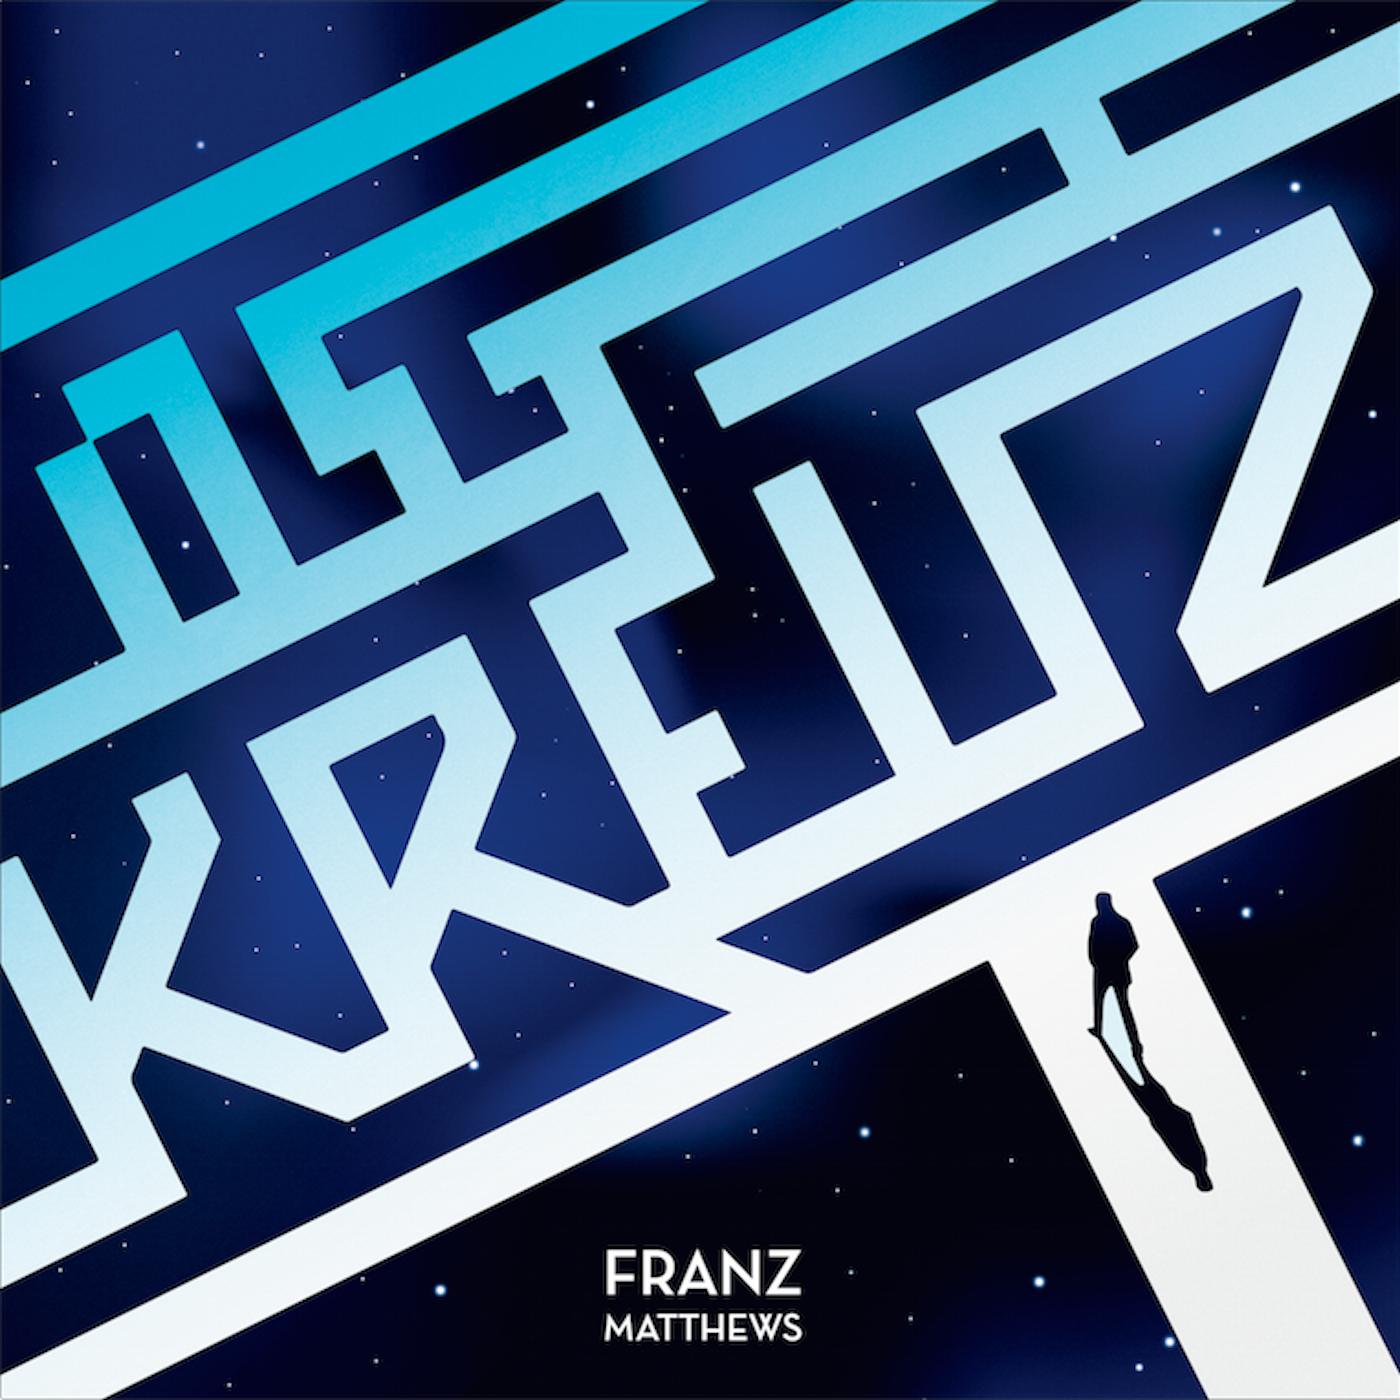 Franz Matthews - Ostkreuz.png